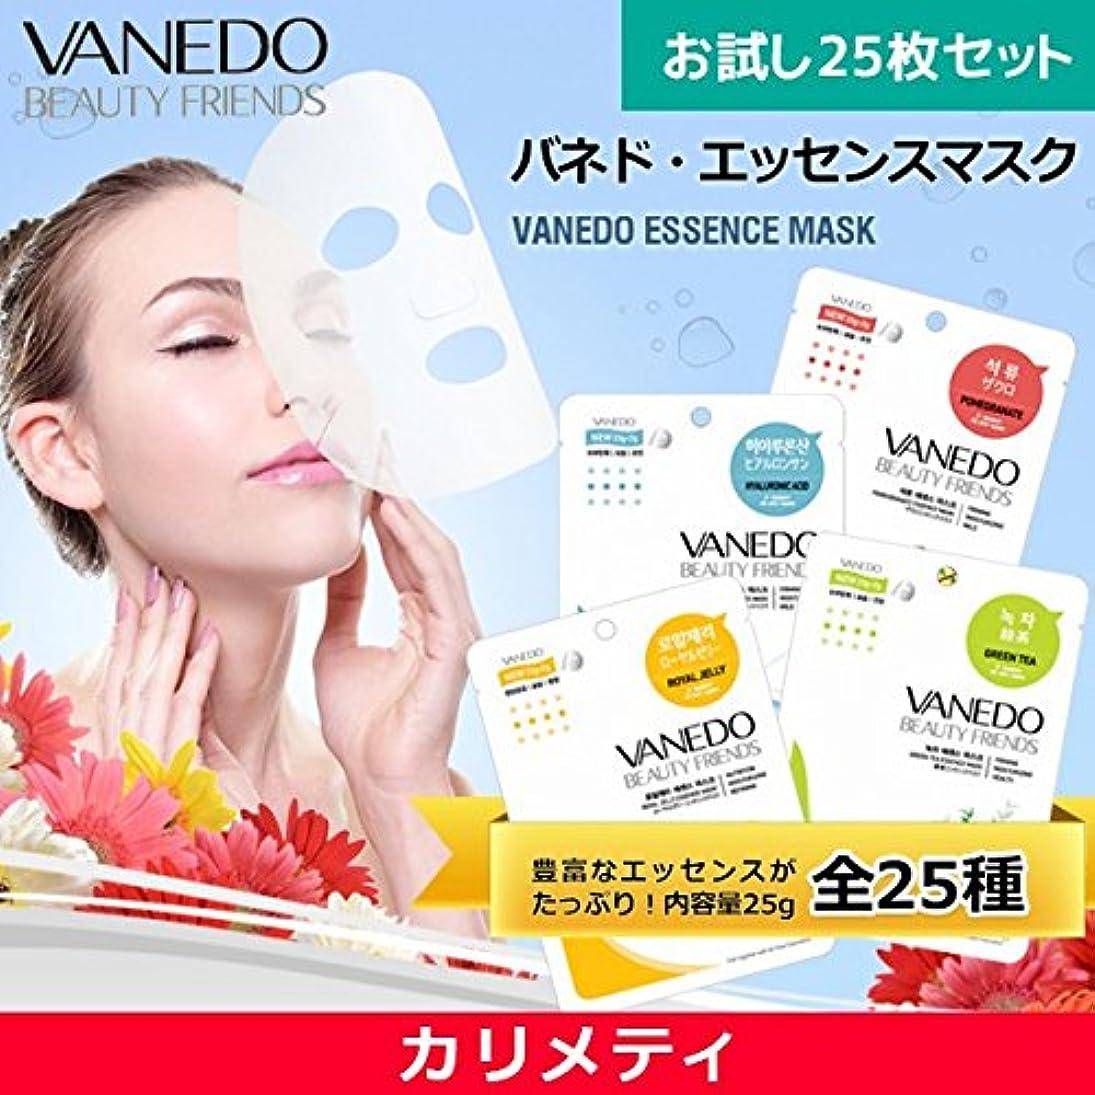 溶融湿った一掃する【VANEDO】バネド全種 25枚 お試しセット/シートマスク/マスクパック/フェイスマスク [メール便]